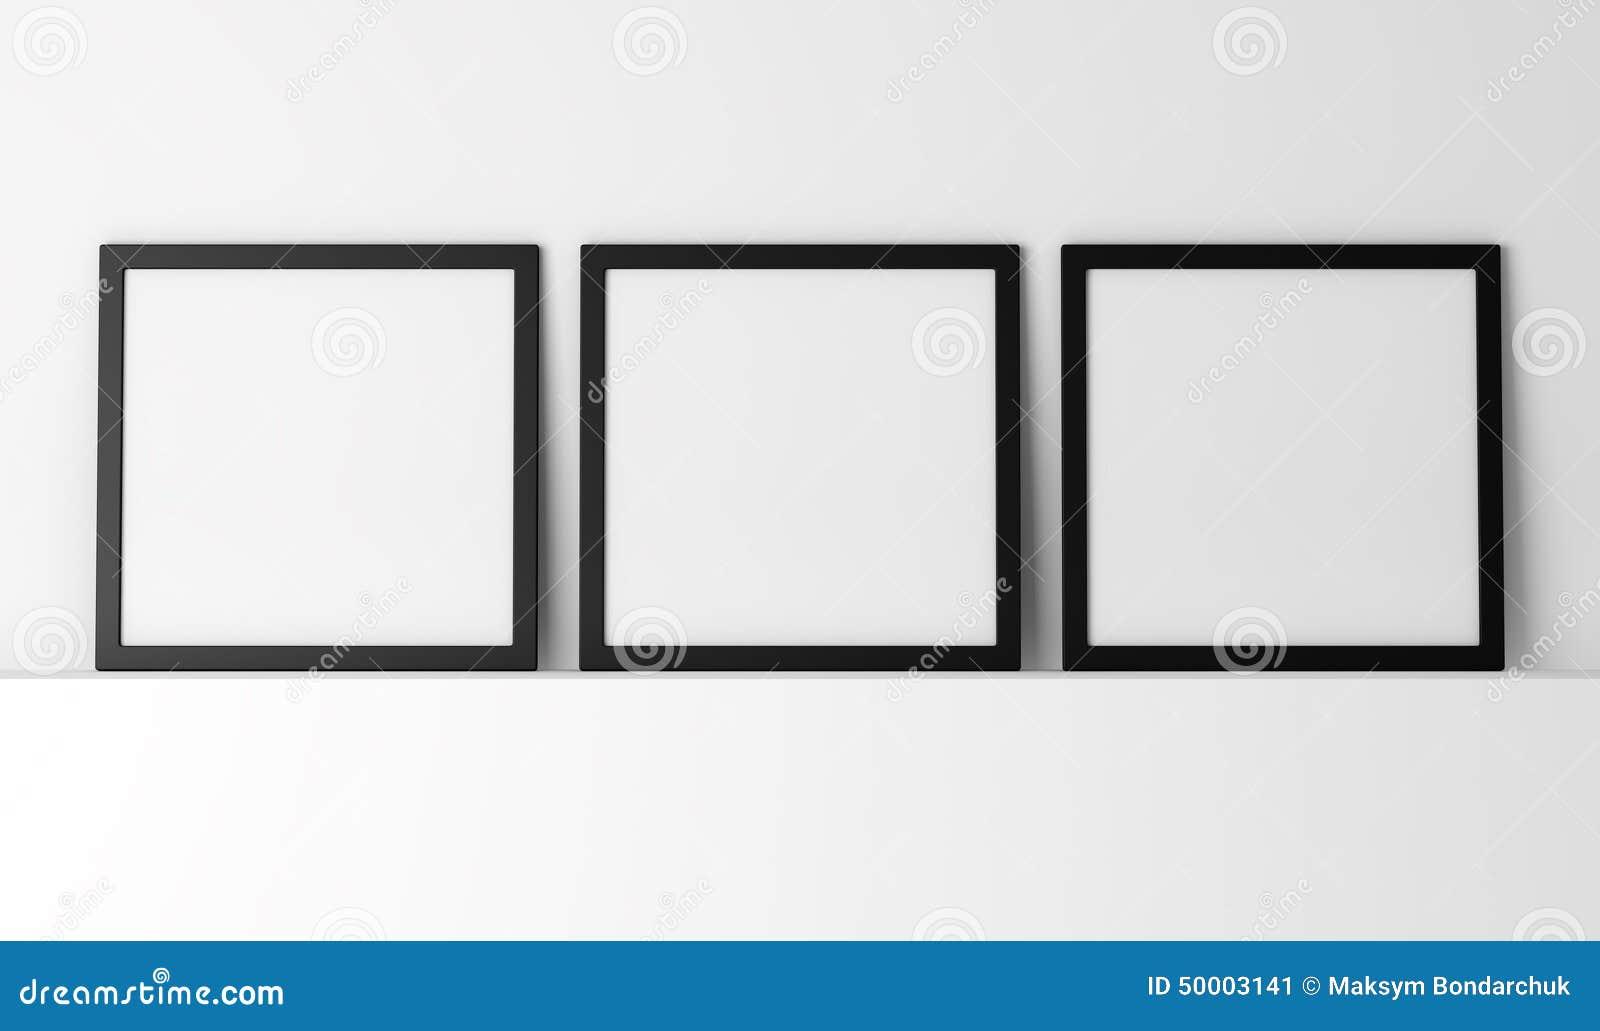 Drei Leere Schwarze Fotorahmen Stock Abbildung - Illustration von ...